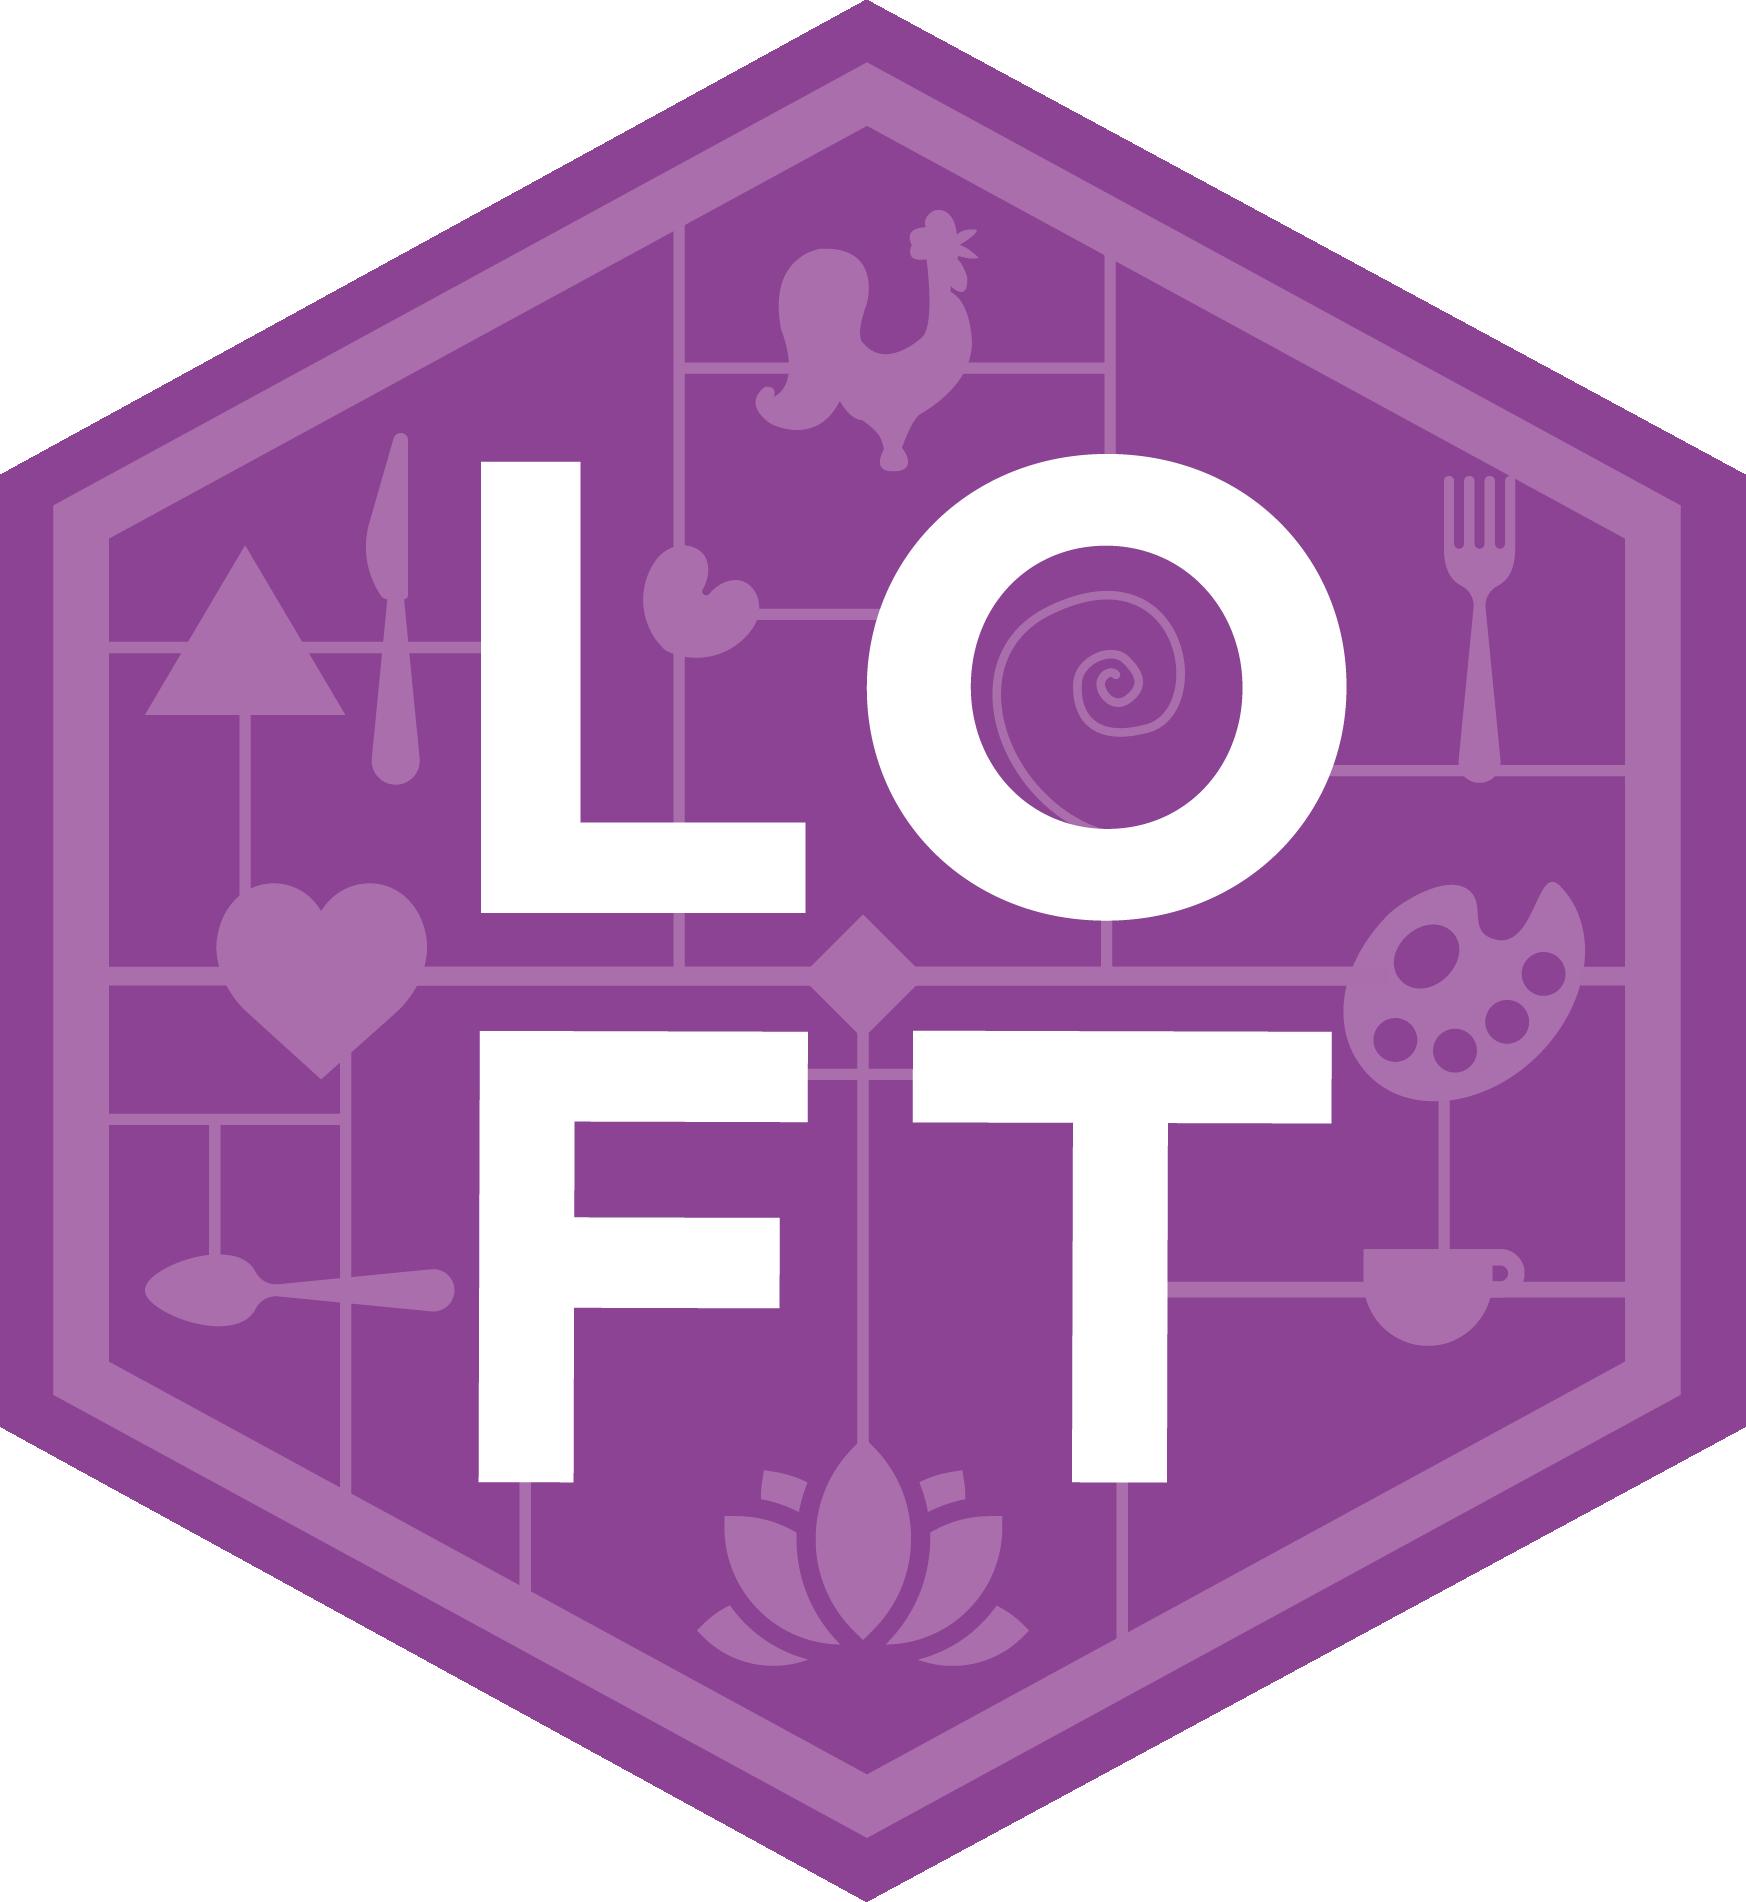 LOFT - Een bijzondere locatie vlakbij Leeuwarden